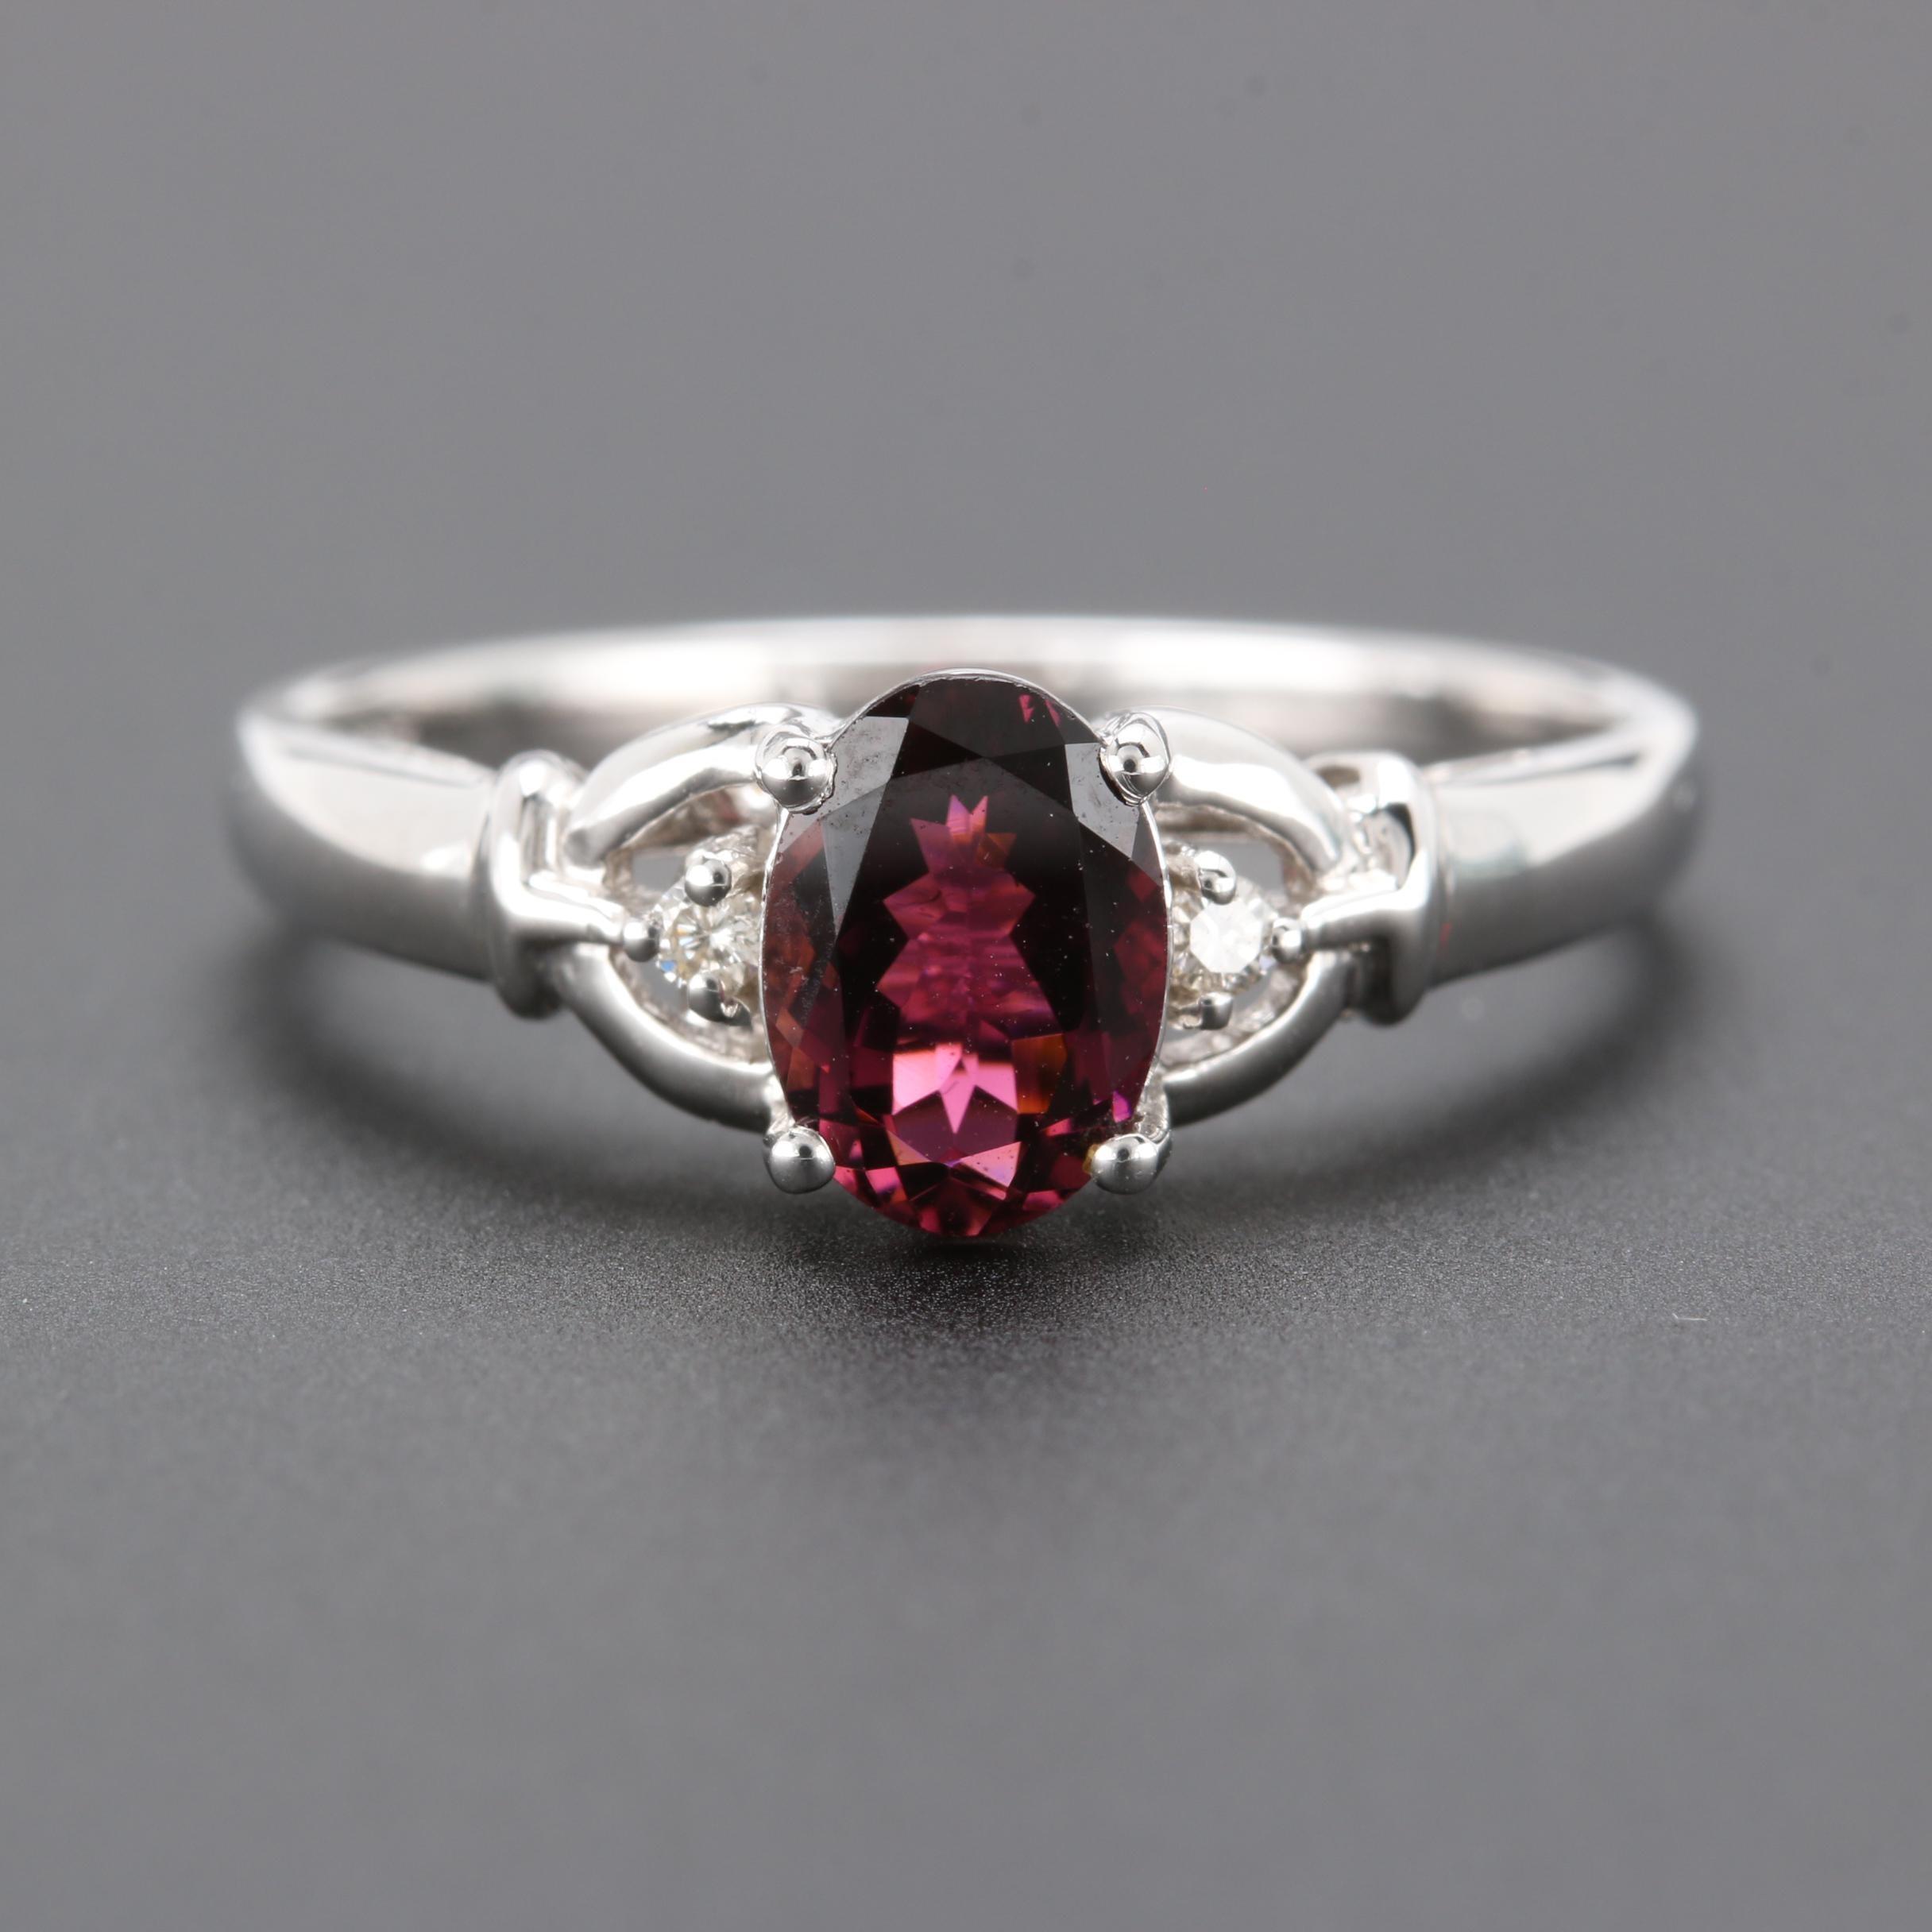 14K White Gold Rhodolite Garnet and Diamond Ring